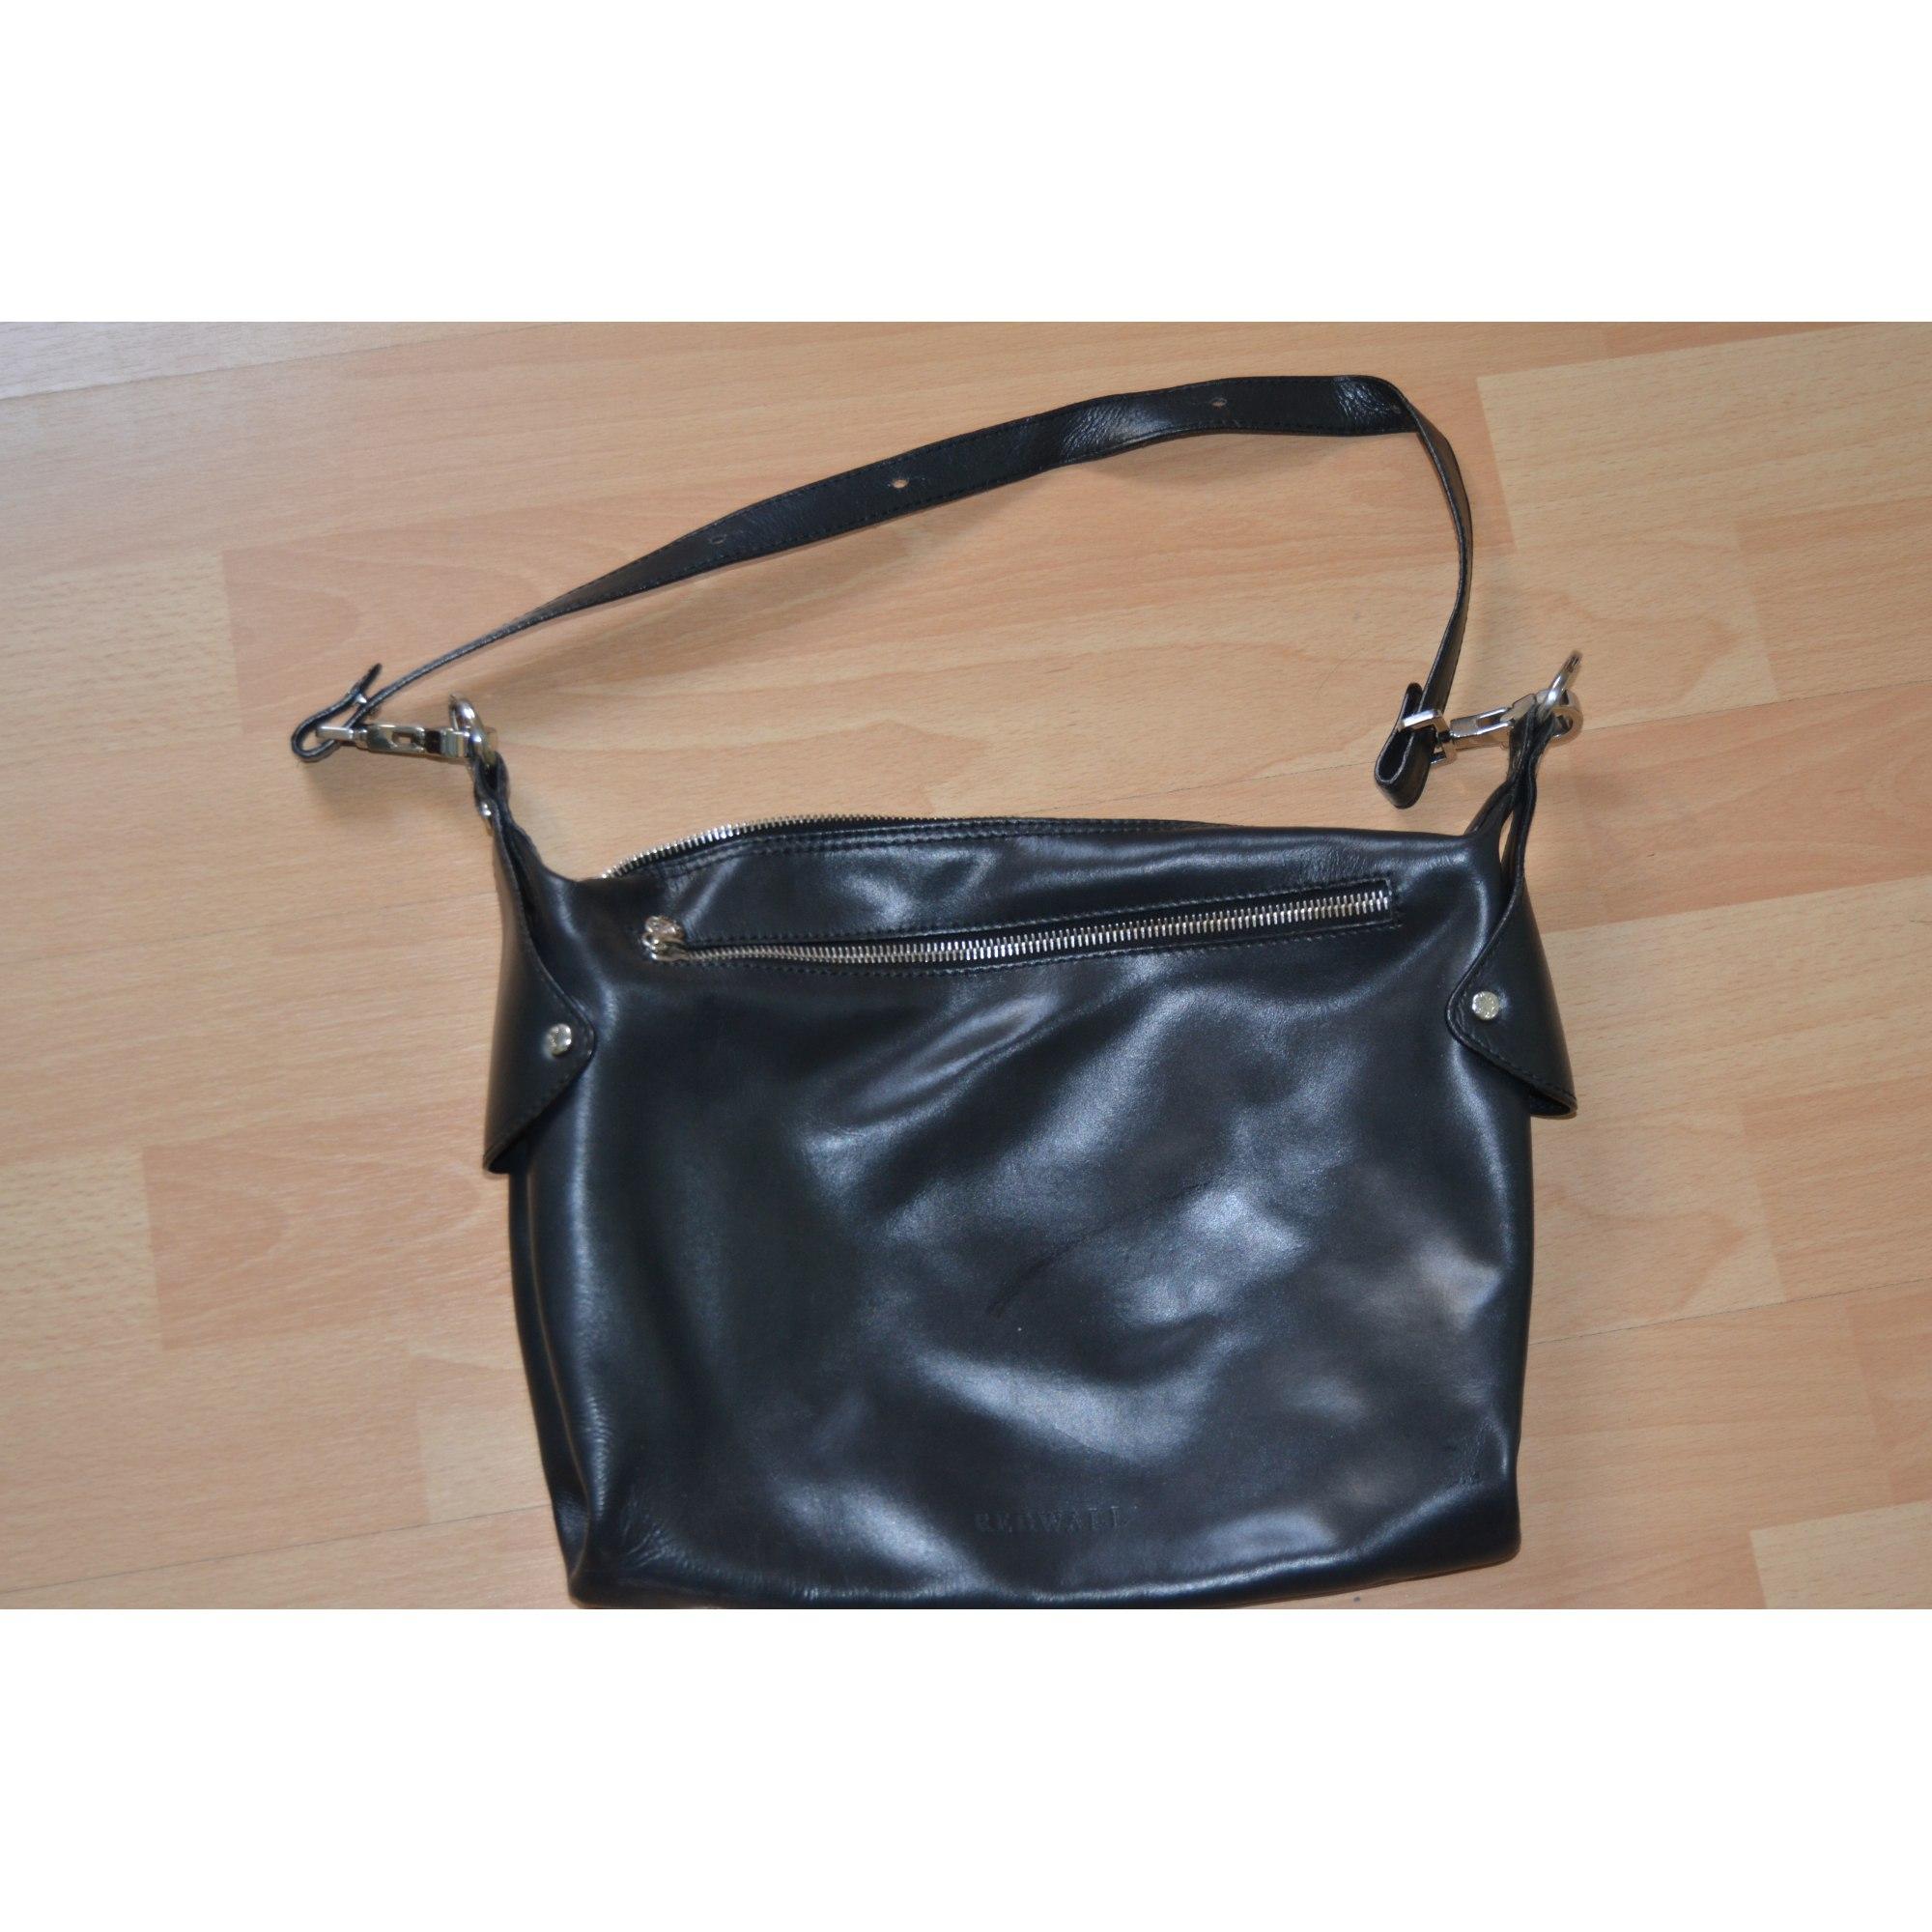 60d1fbeb59 Sac en bandoulière en cuir REDWALL noir vendu par Caroline 1420997